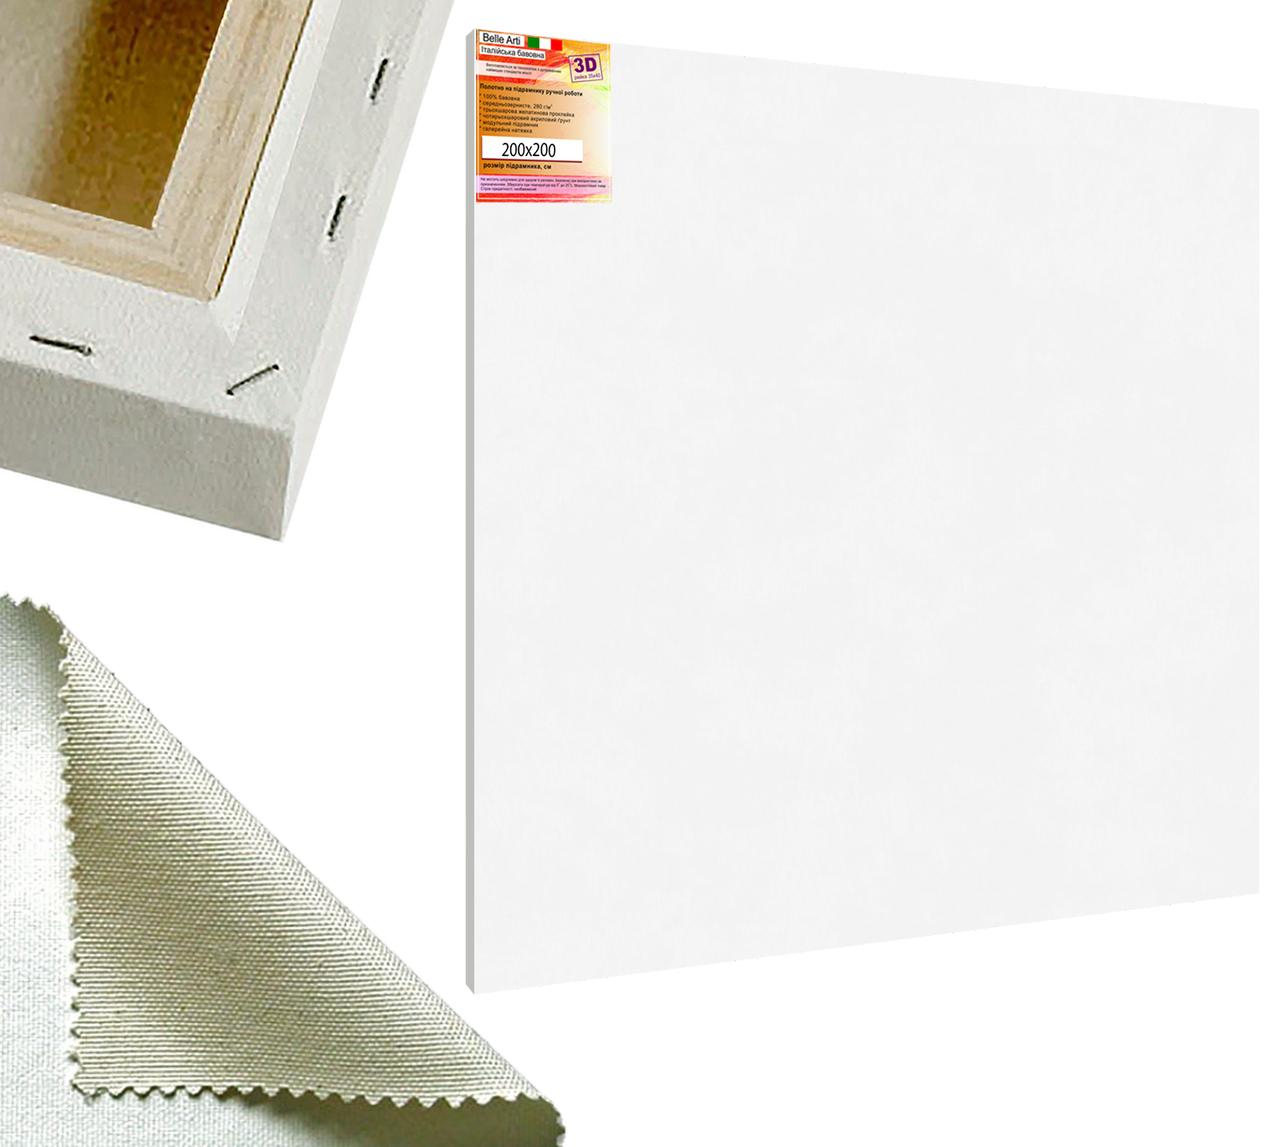 Холст на подрамнике Factura BelleArti 3D 200х200 см Итальянский хлопок 285 грамм кв.м. среднее зерно белый